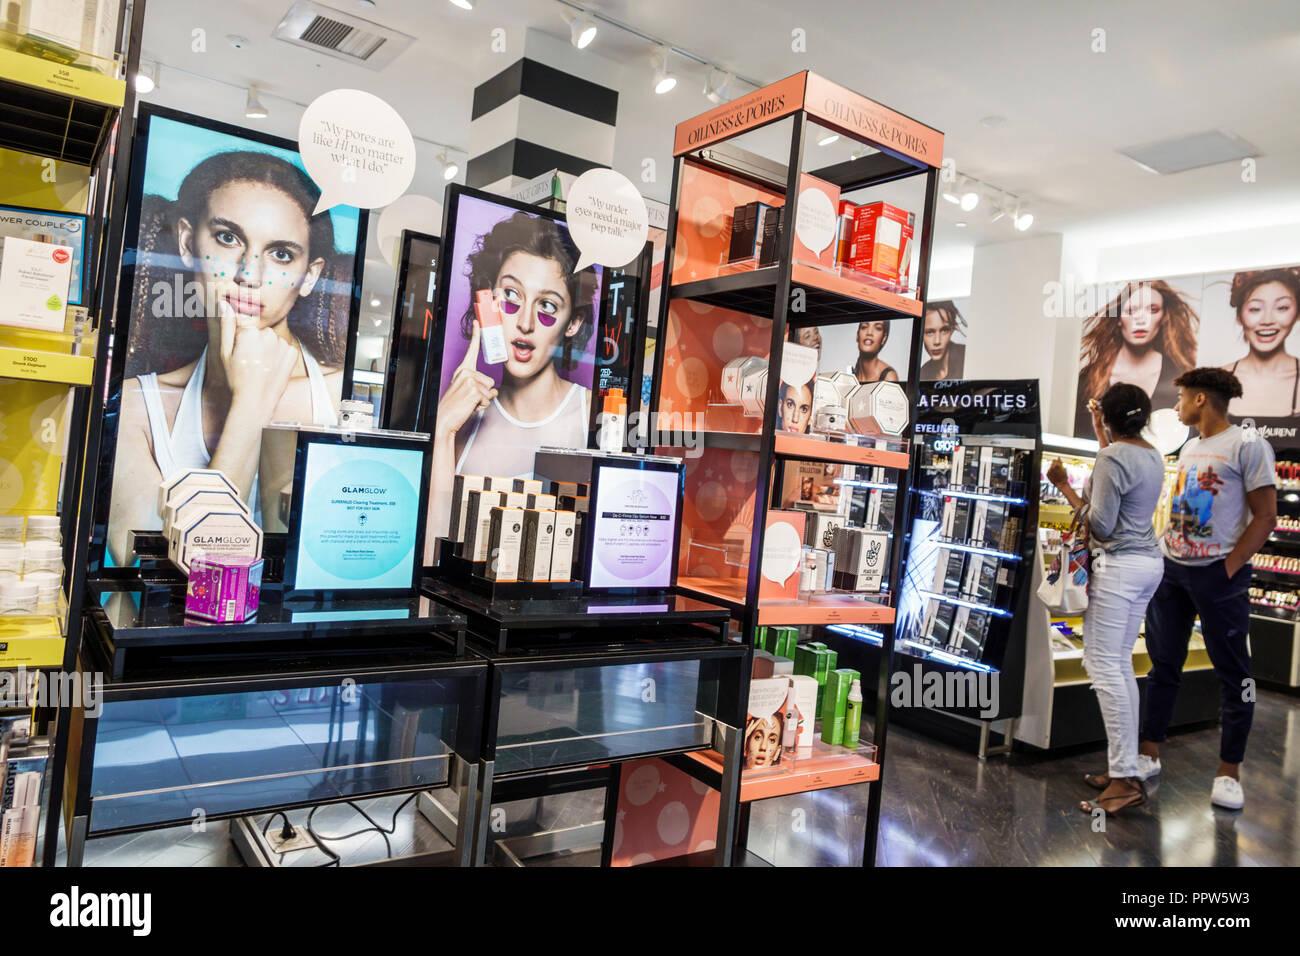 af9a3d721c Floride Miami Dadeland Mall Kendall shopping parfums Sephora entrée avant de  l'affichage à l'intérieur de la vente